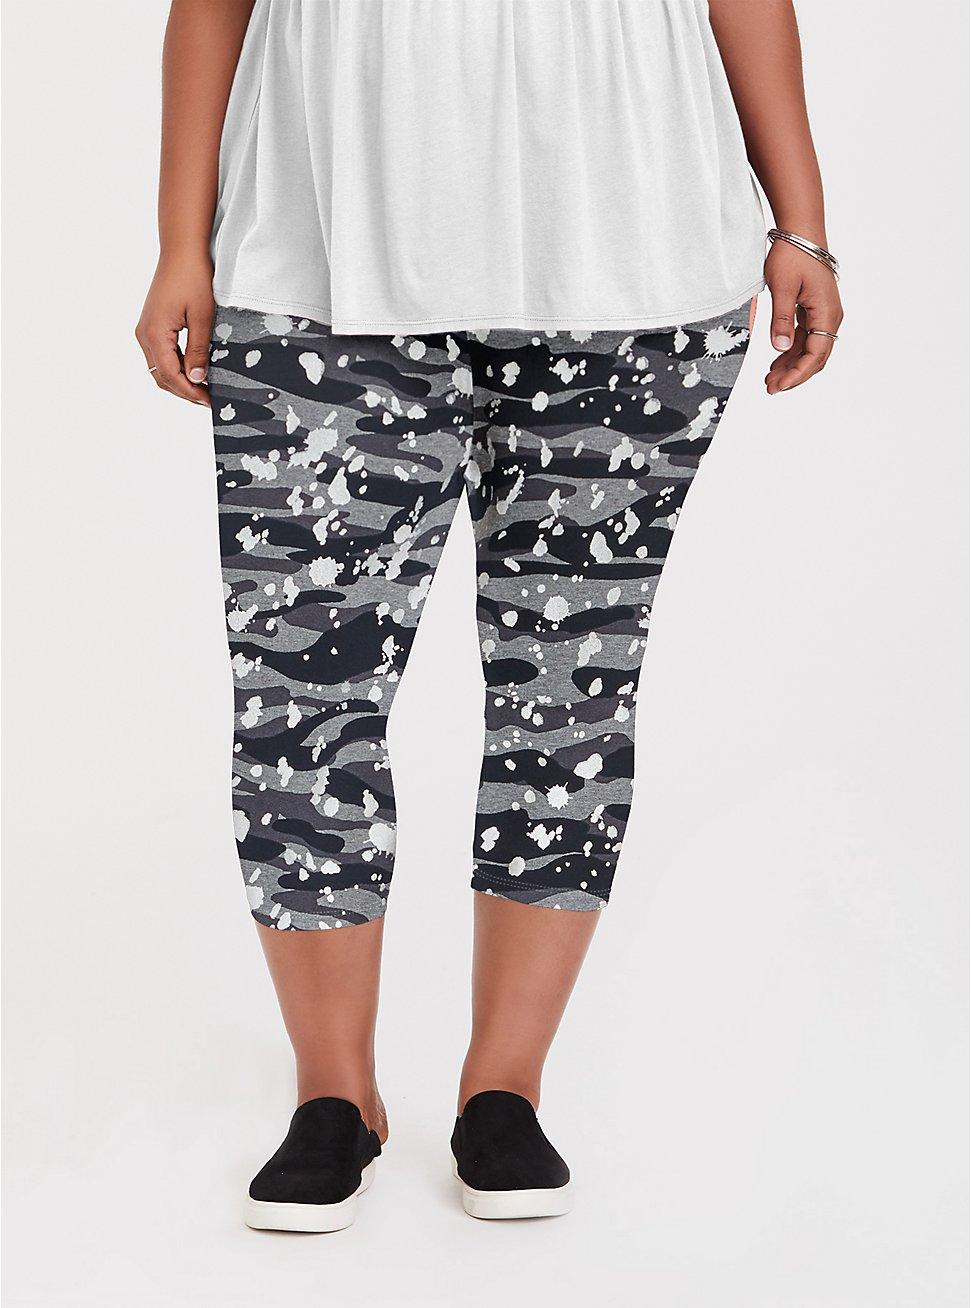 Crop Premium Legging - Splatter & Camo Grey, MULTI, hi-res